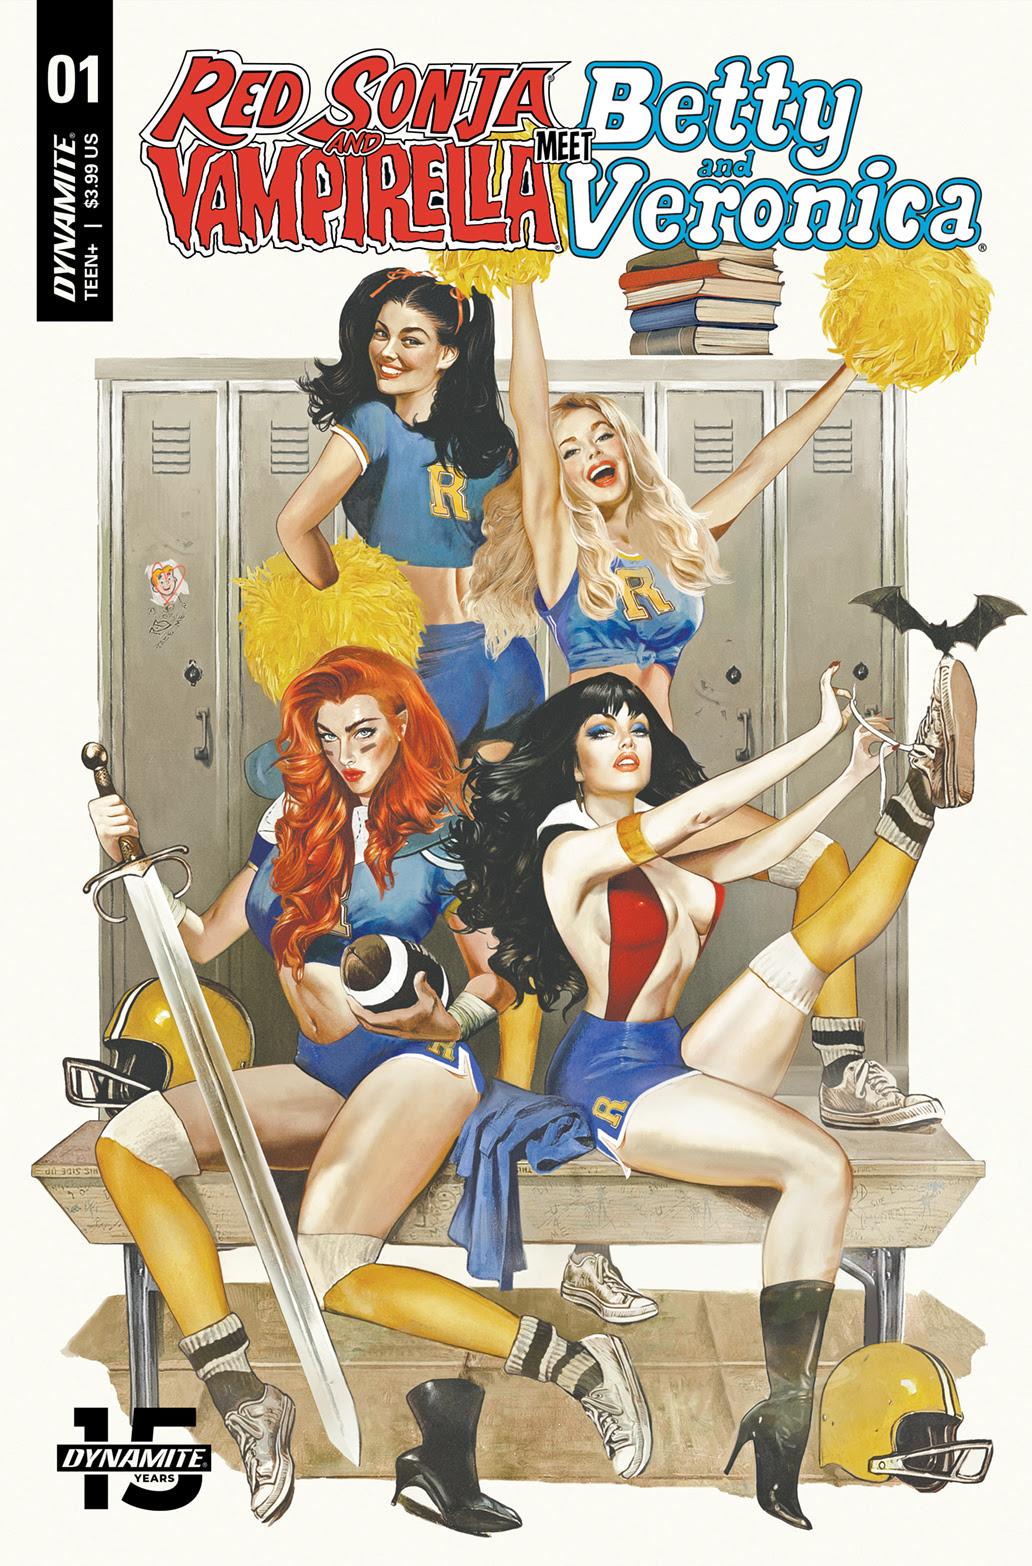 Comics Collectibles Just Dynamite Comics Vampirella Original Art Horror Vampire Bats Boots Sex Blood Reputation First